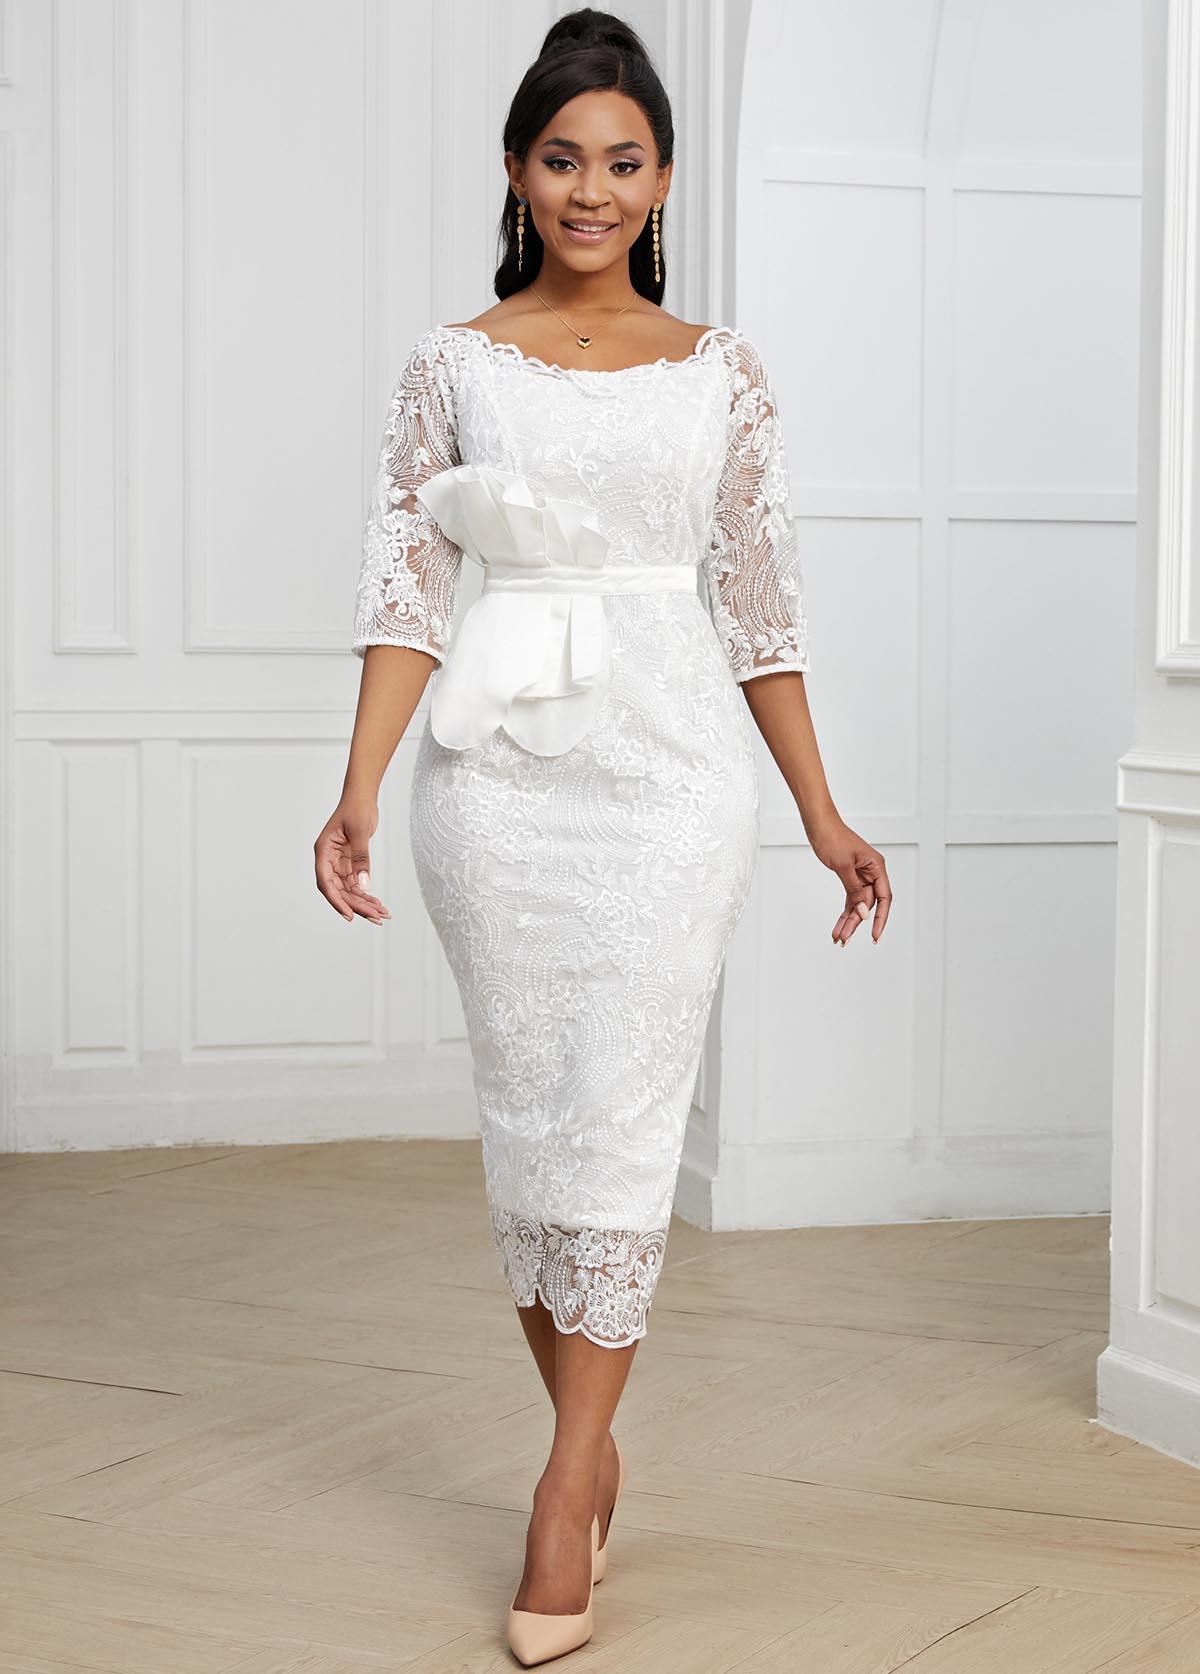 ROTITA Lace 3/4 Sleeve White Bodycon Dress